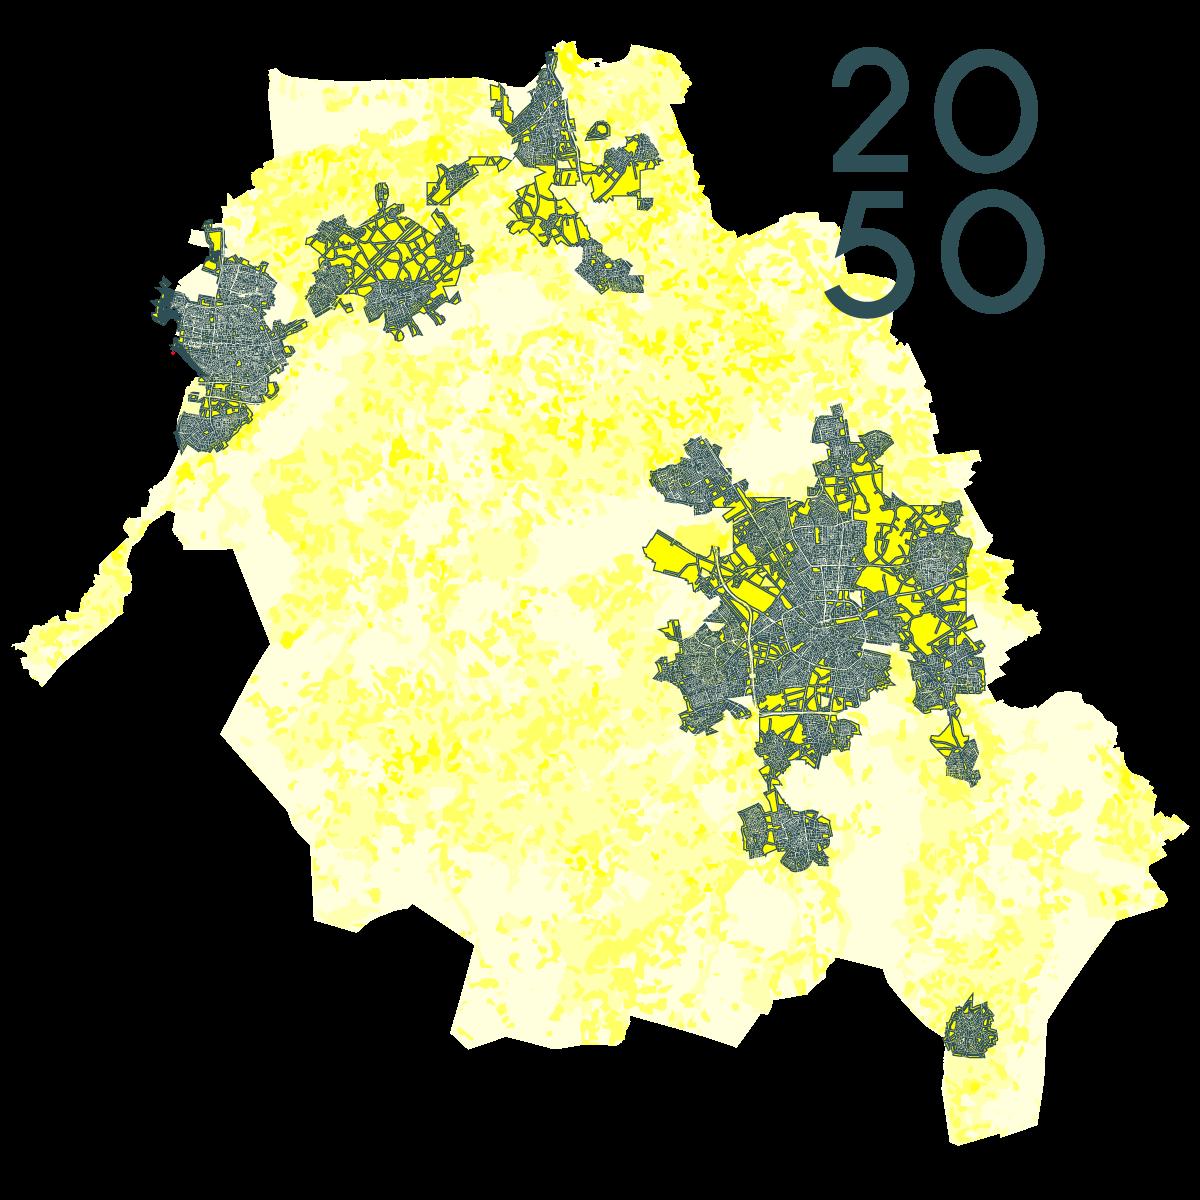 buiten-is-binnen-2050